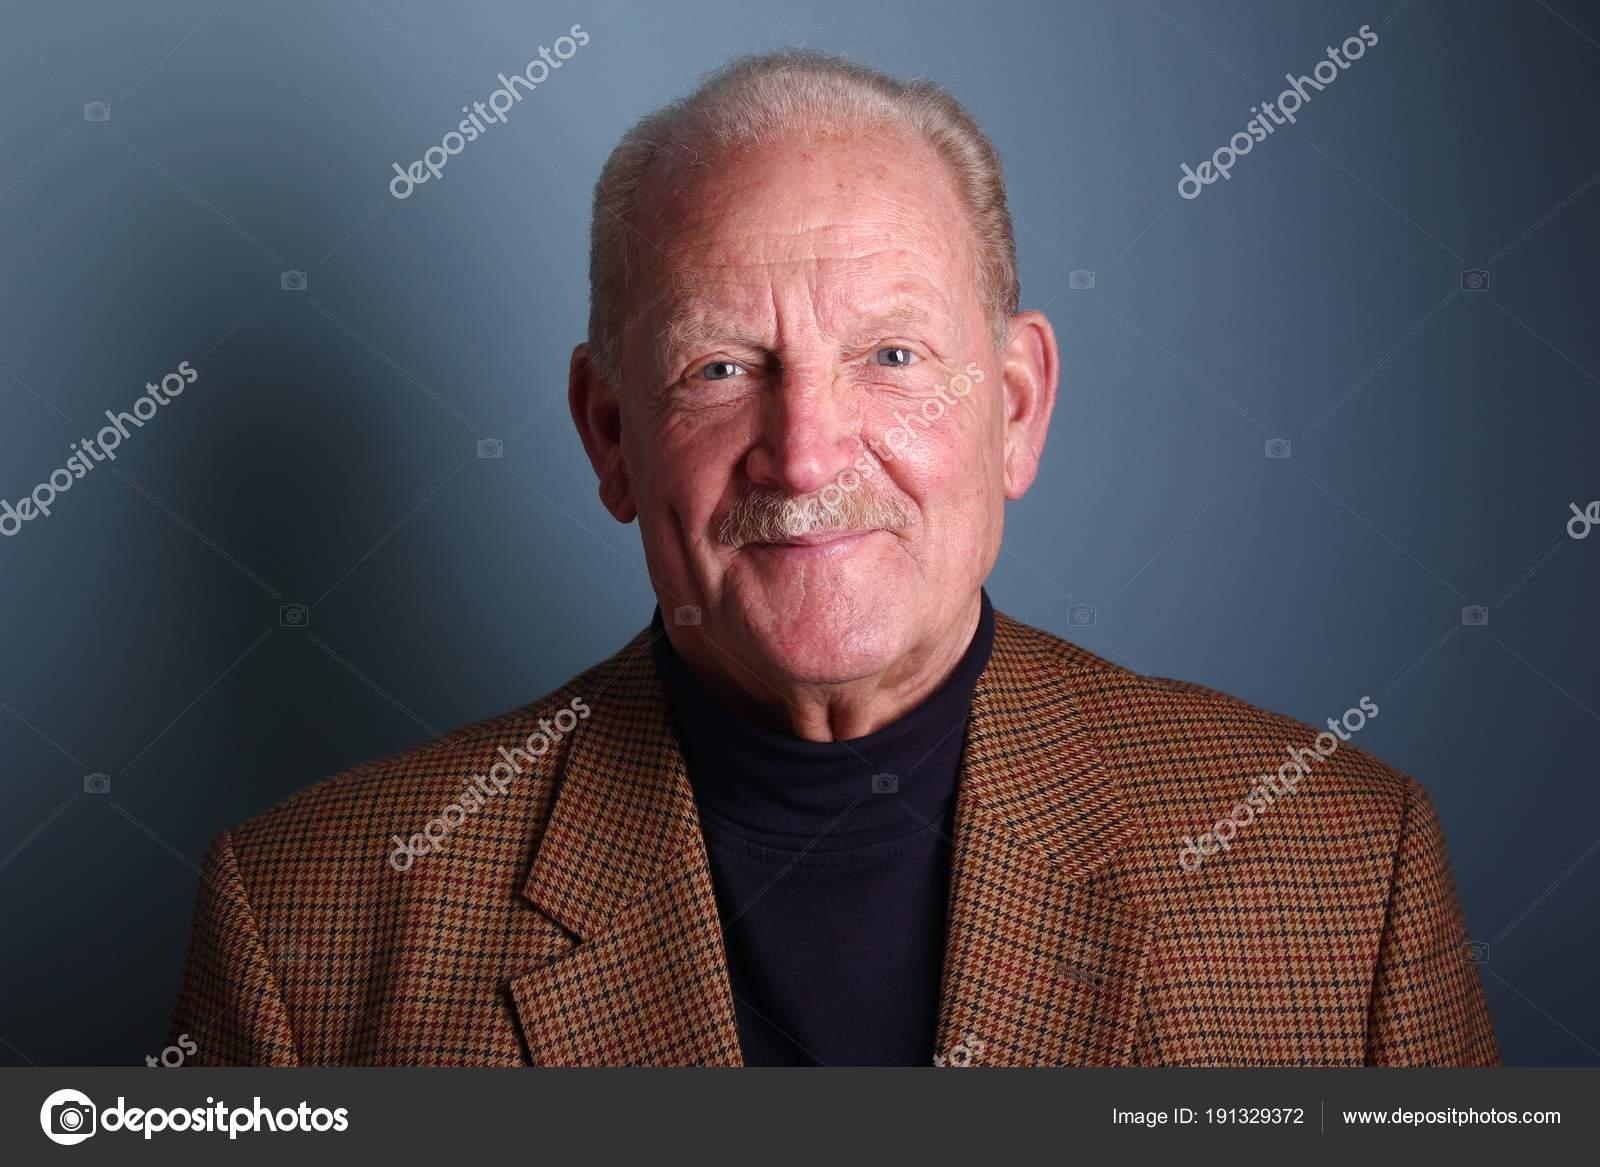 Beautiful old guy